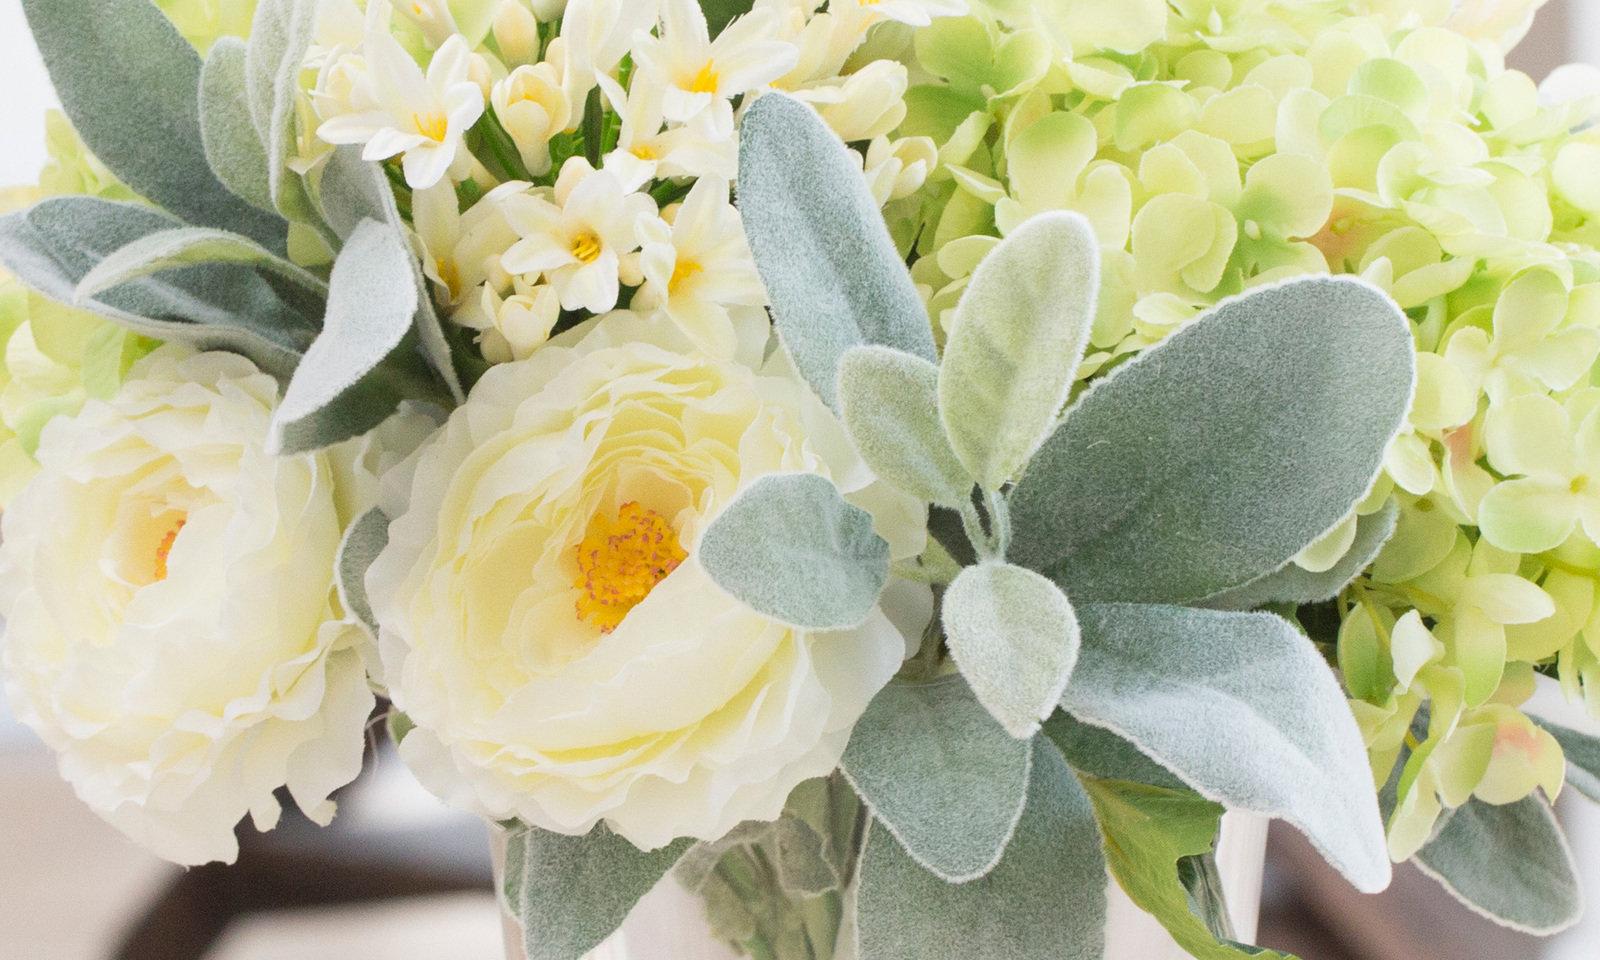 Композиция из искусственных цветов - салатовая гортензия, ранункулюсы, агапантус inmyroom